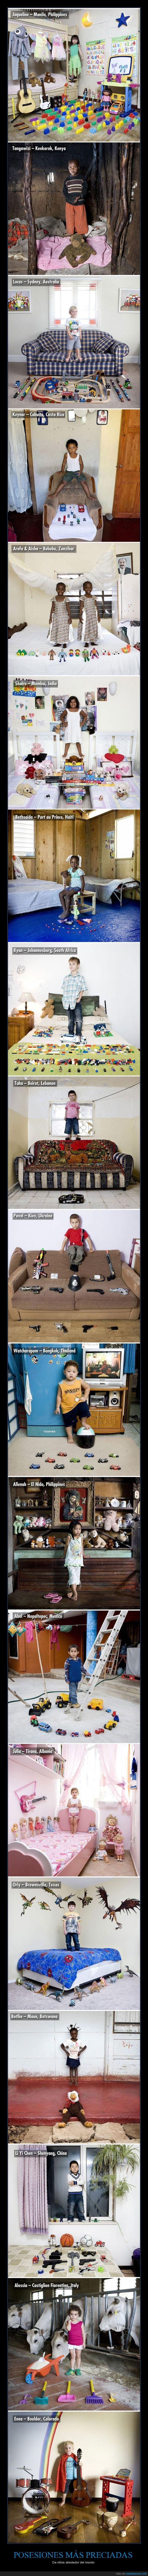 juguetes,niños,objetos,posesiones,regalos